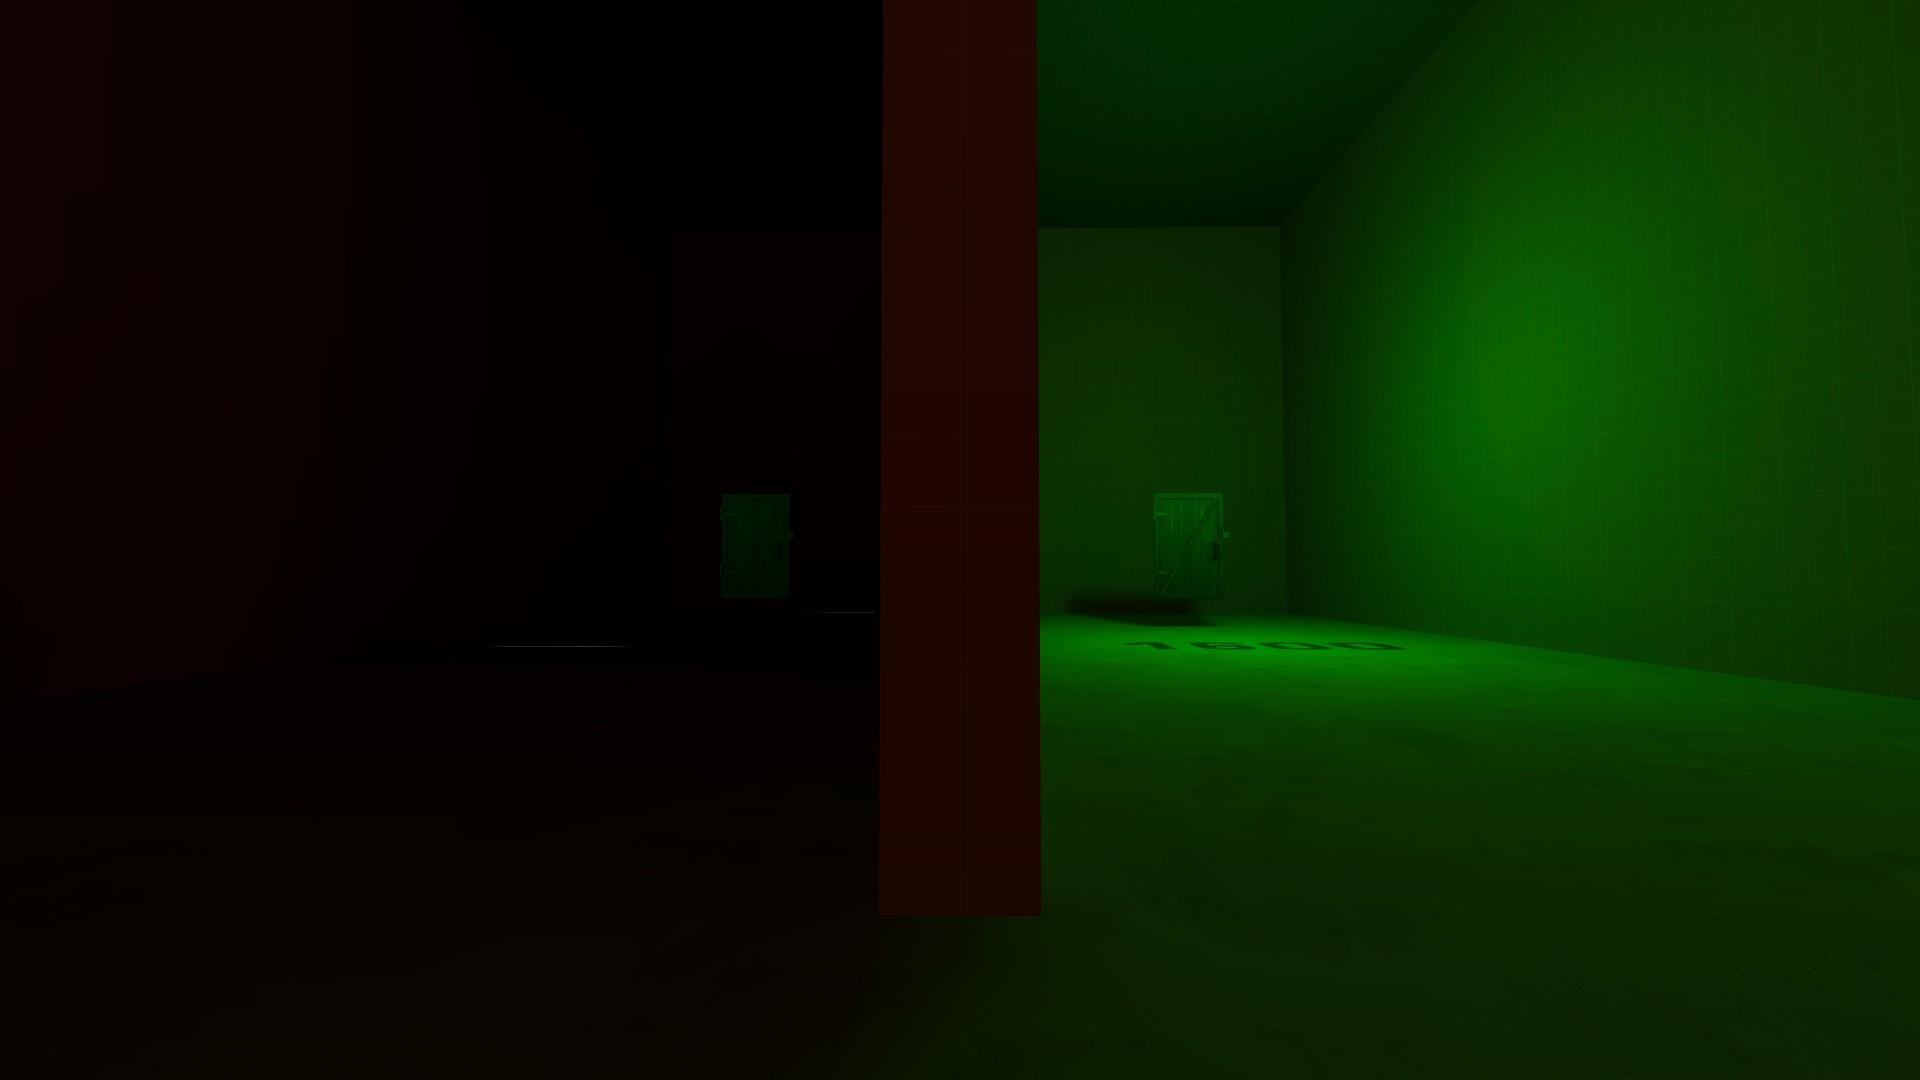 light_1600.jpg